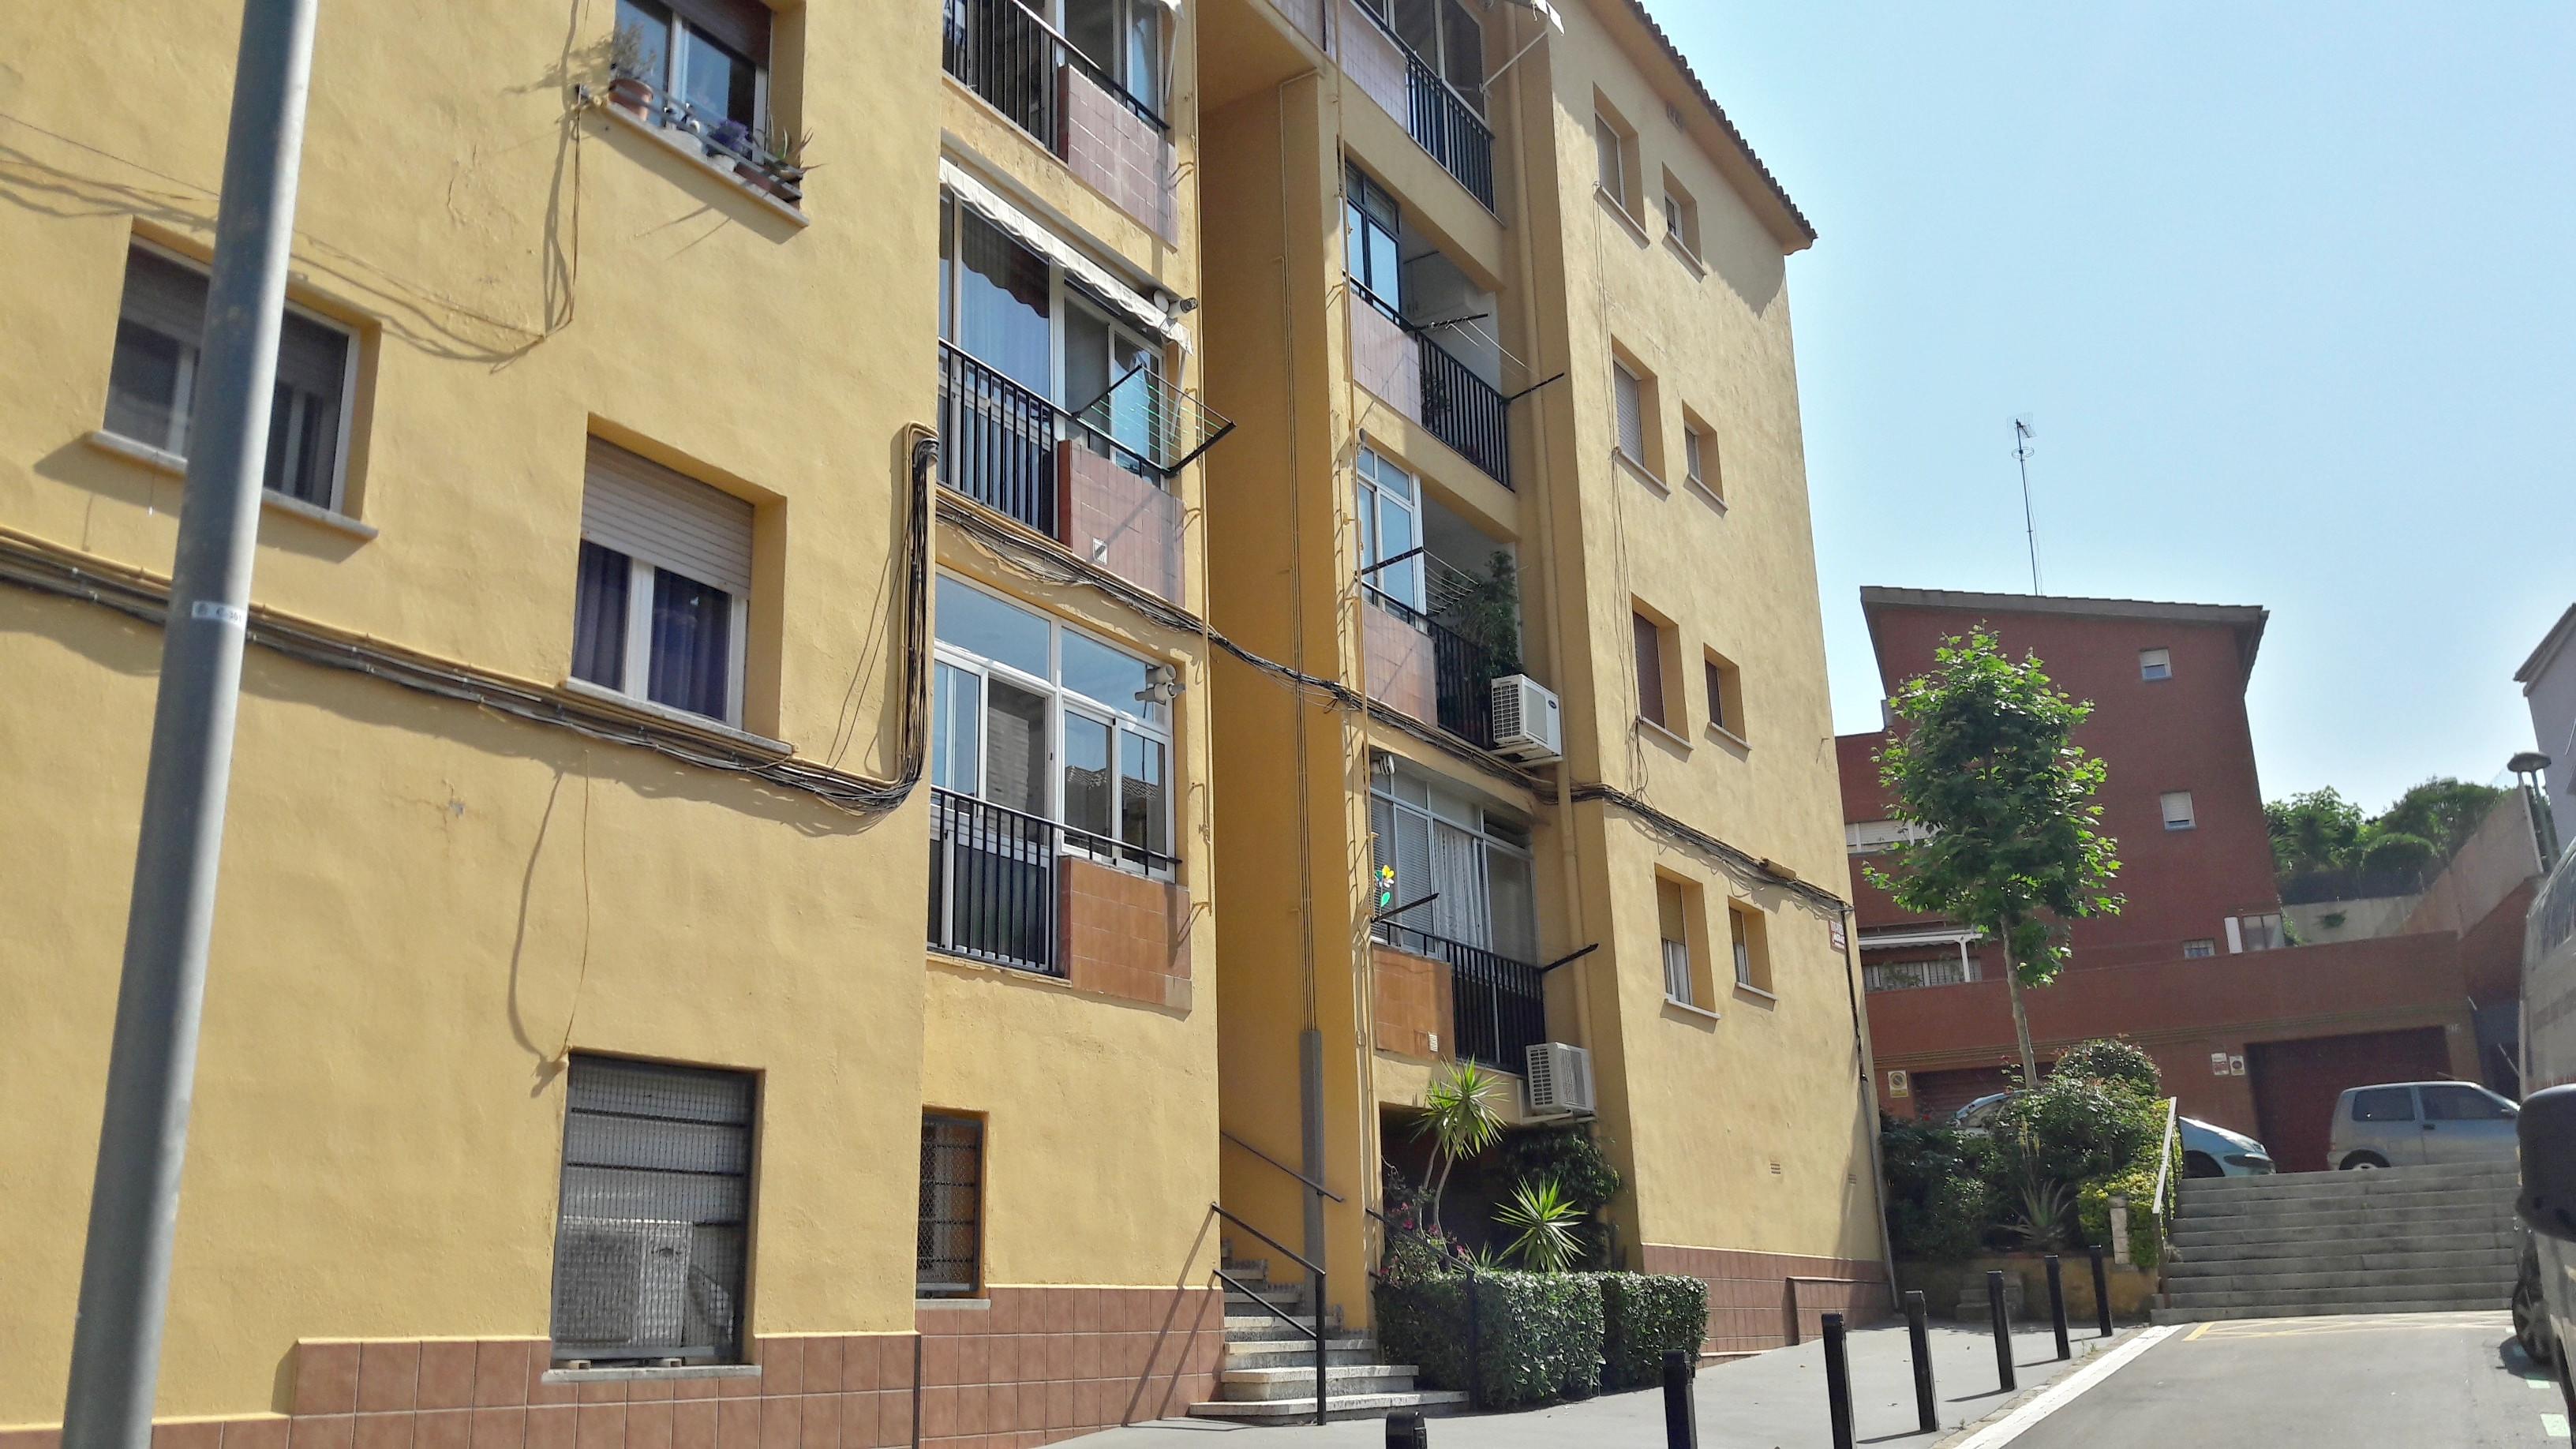 venta de casas y pisos en tiana donpiso inmobiliaria